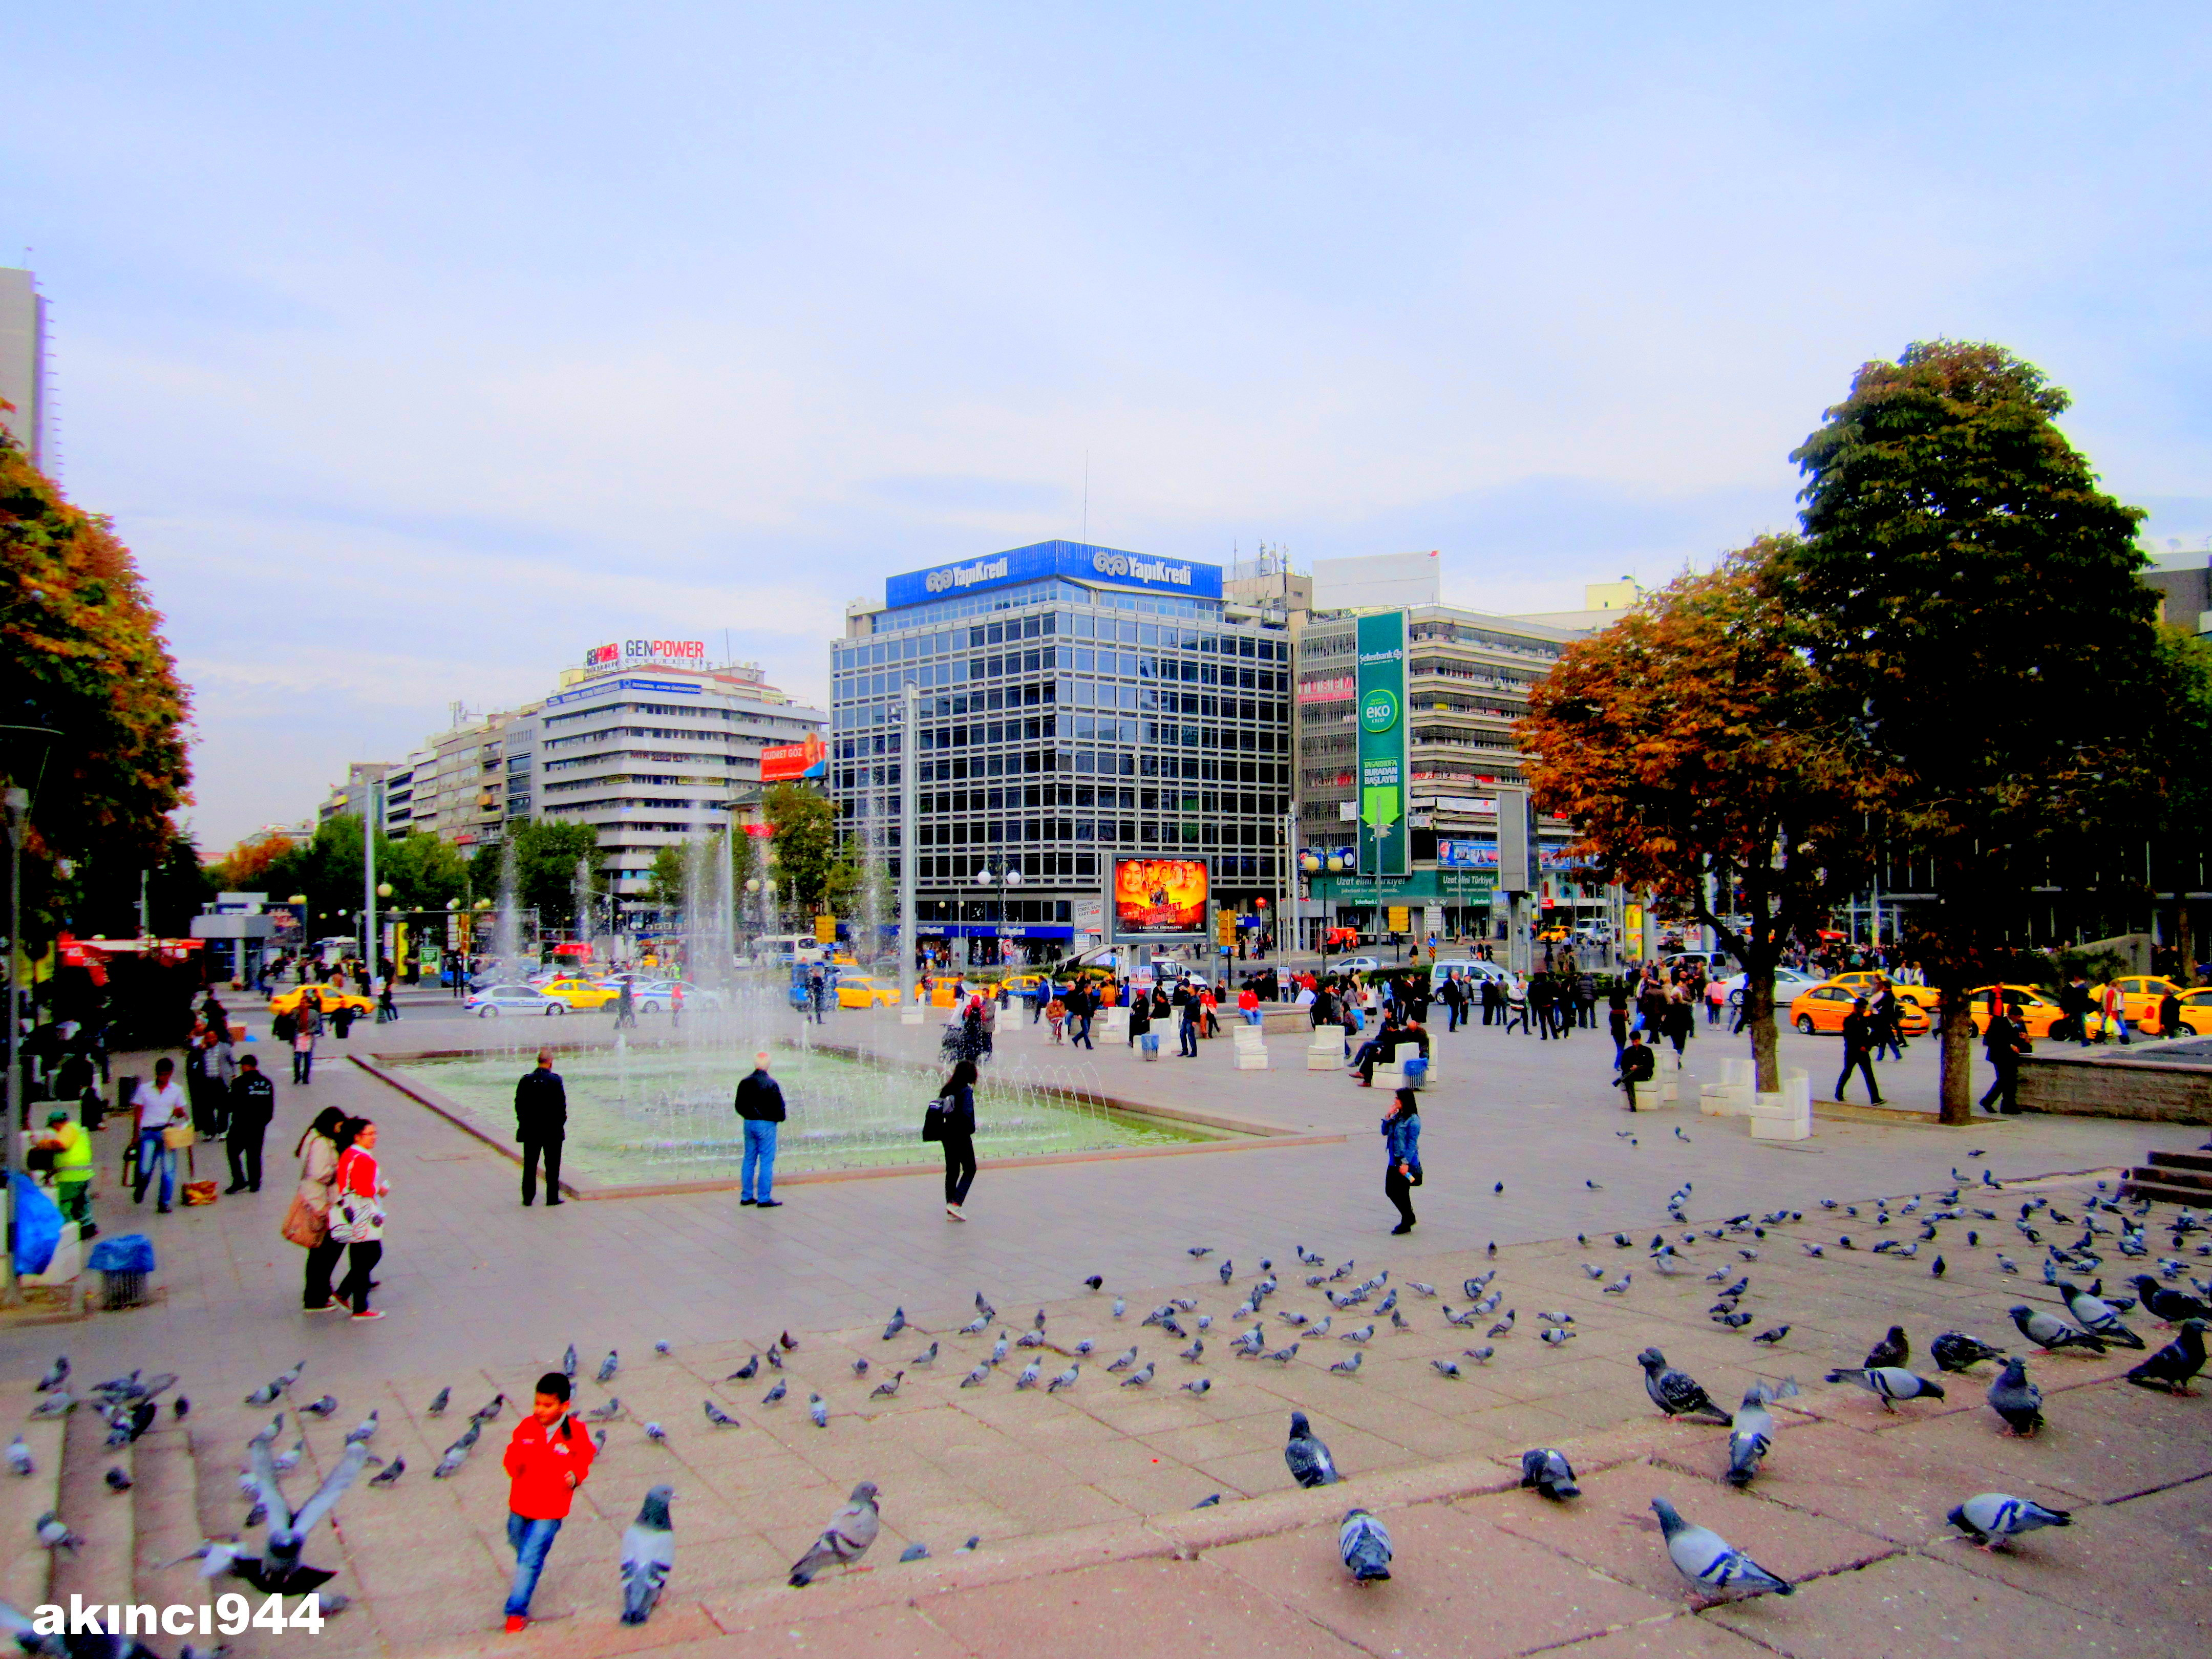 AKINCI 944 - Ankara-Kızılay Meydanı